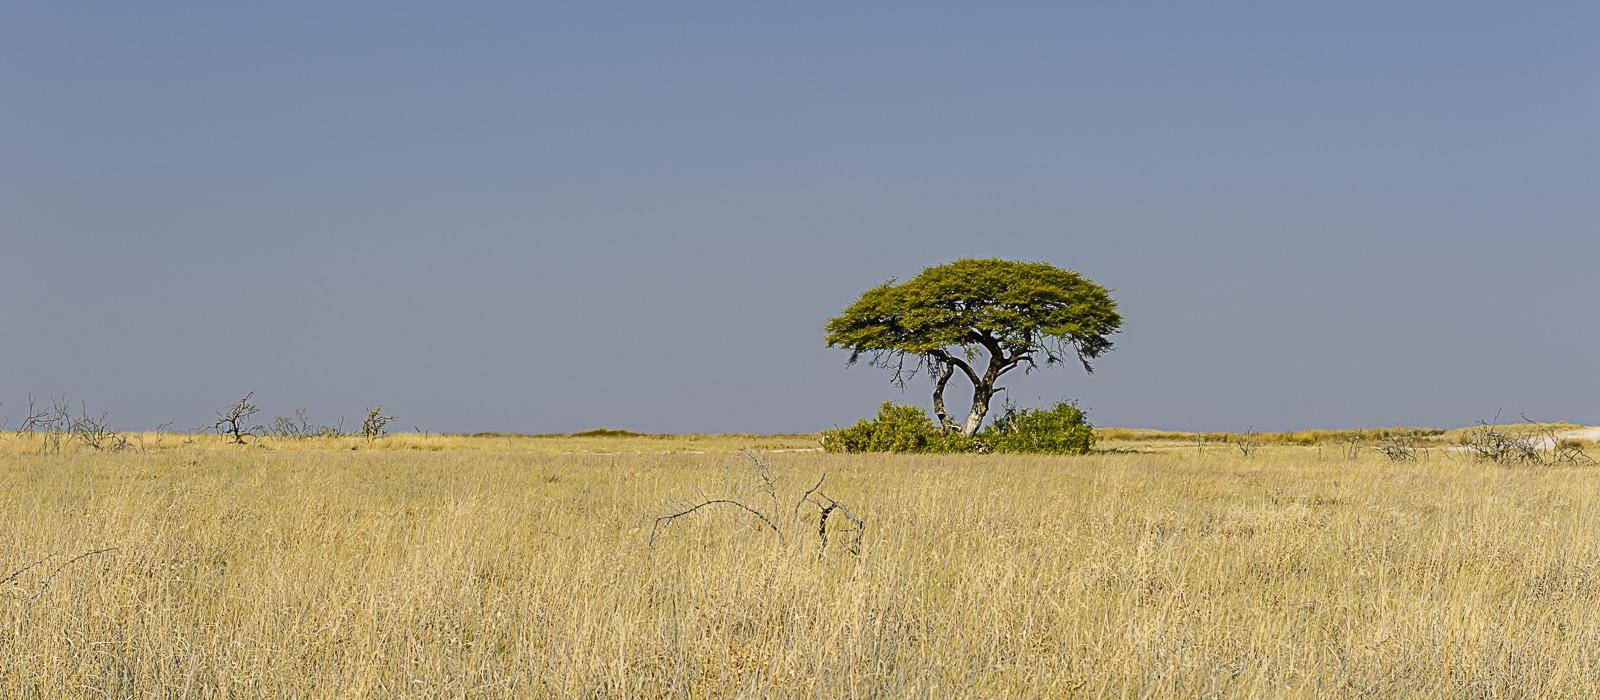 img-diapo-entete - Namibie-1600x700.jpg